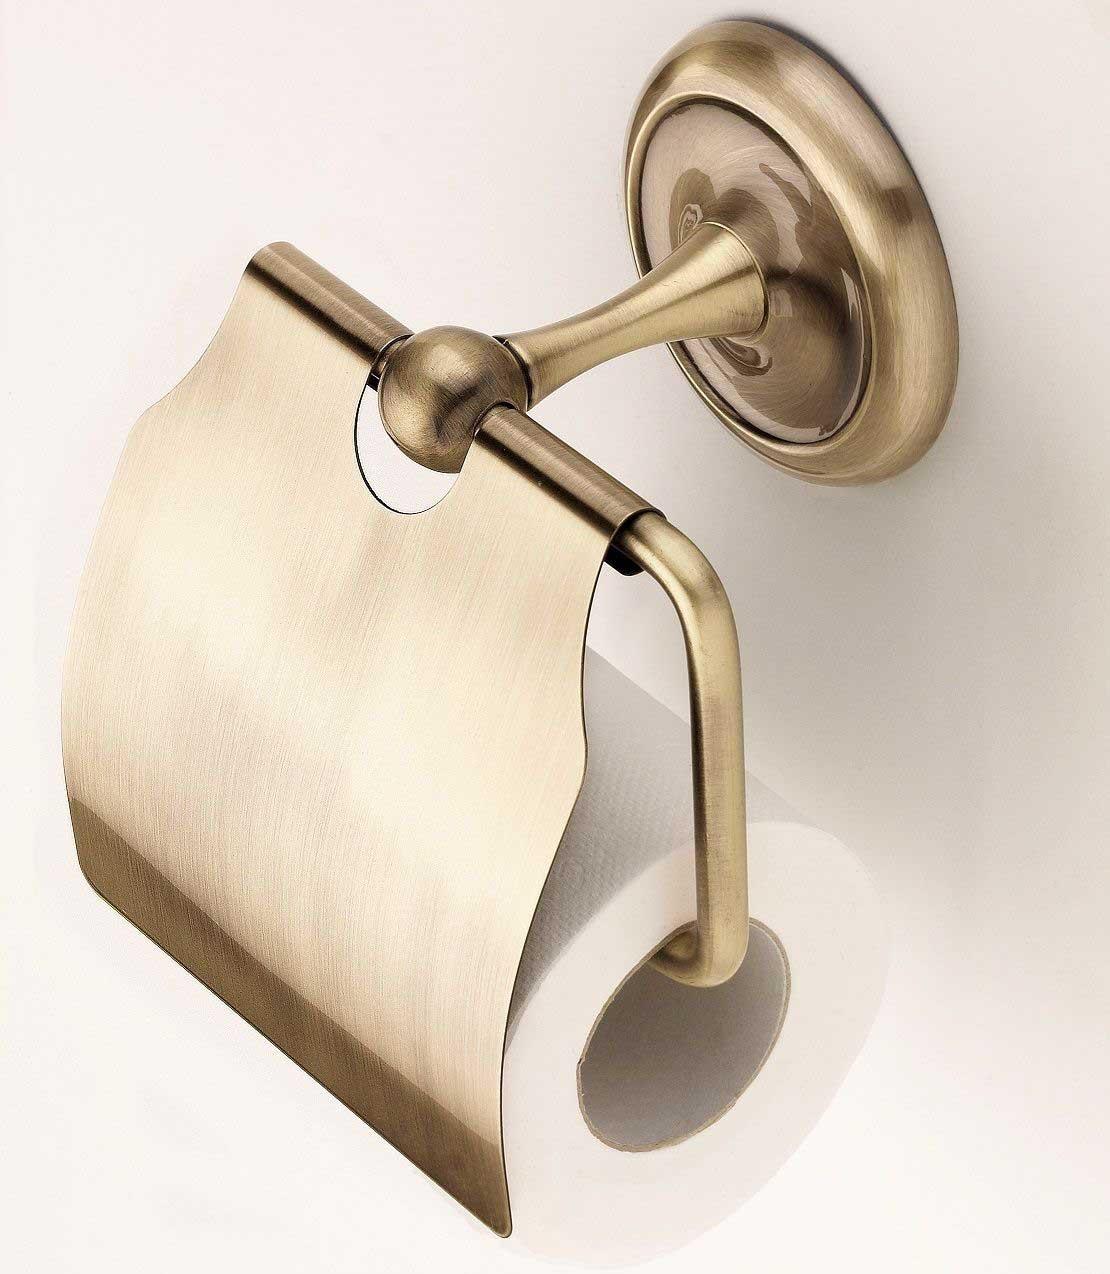 Accesorio Baño Antiguo:Accesorios de baño de latón antiguo de cobre amarillo vieja Aseo